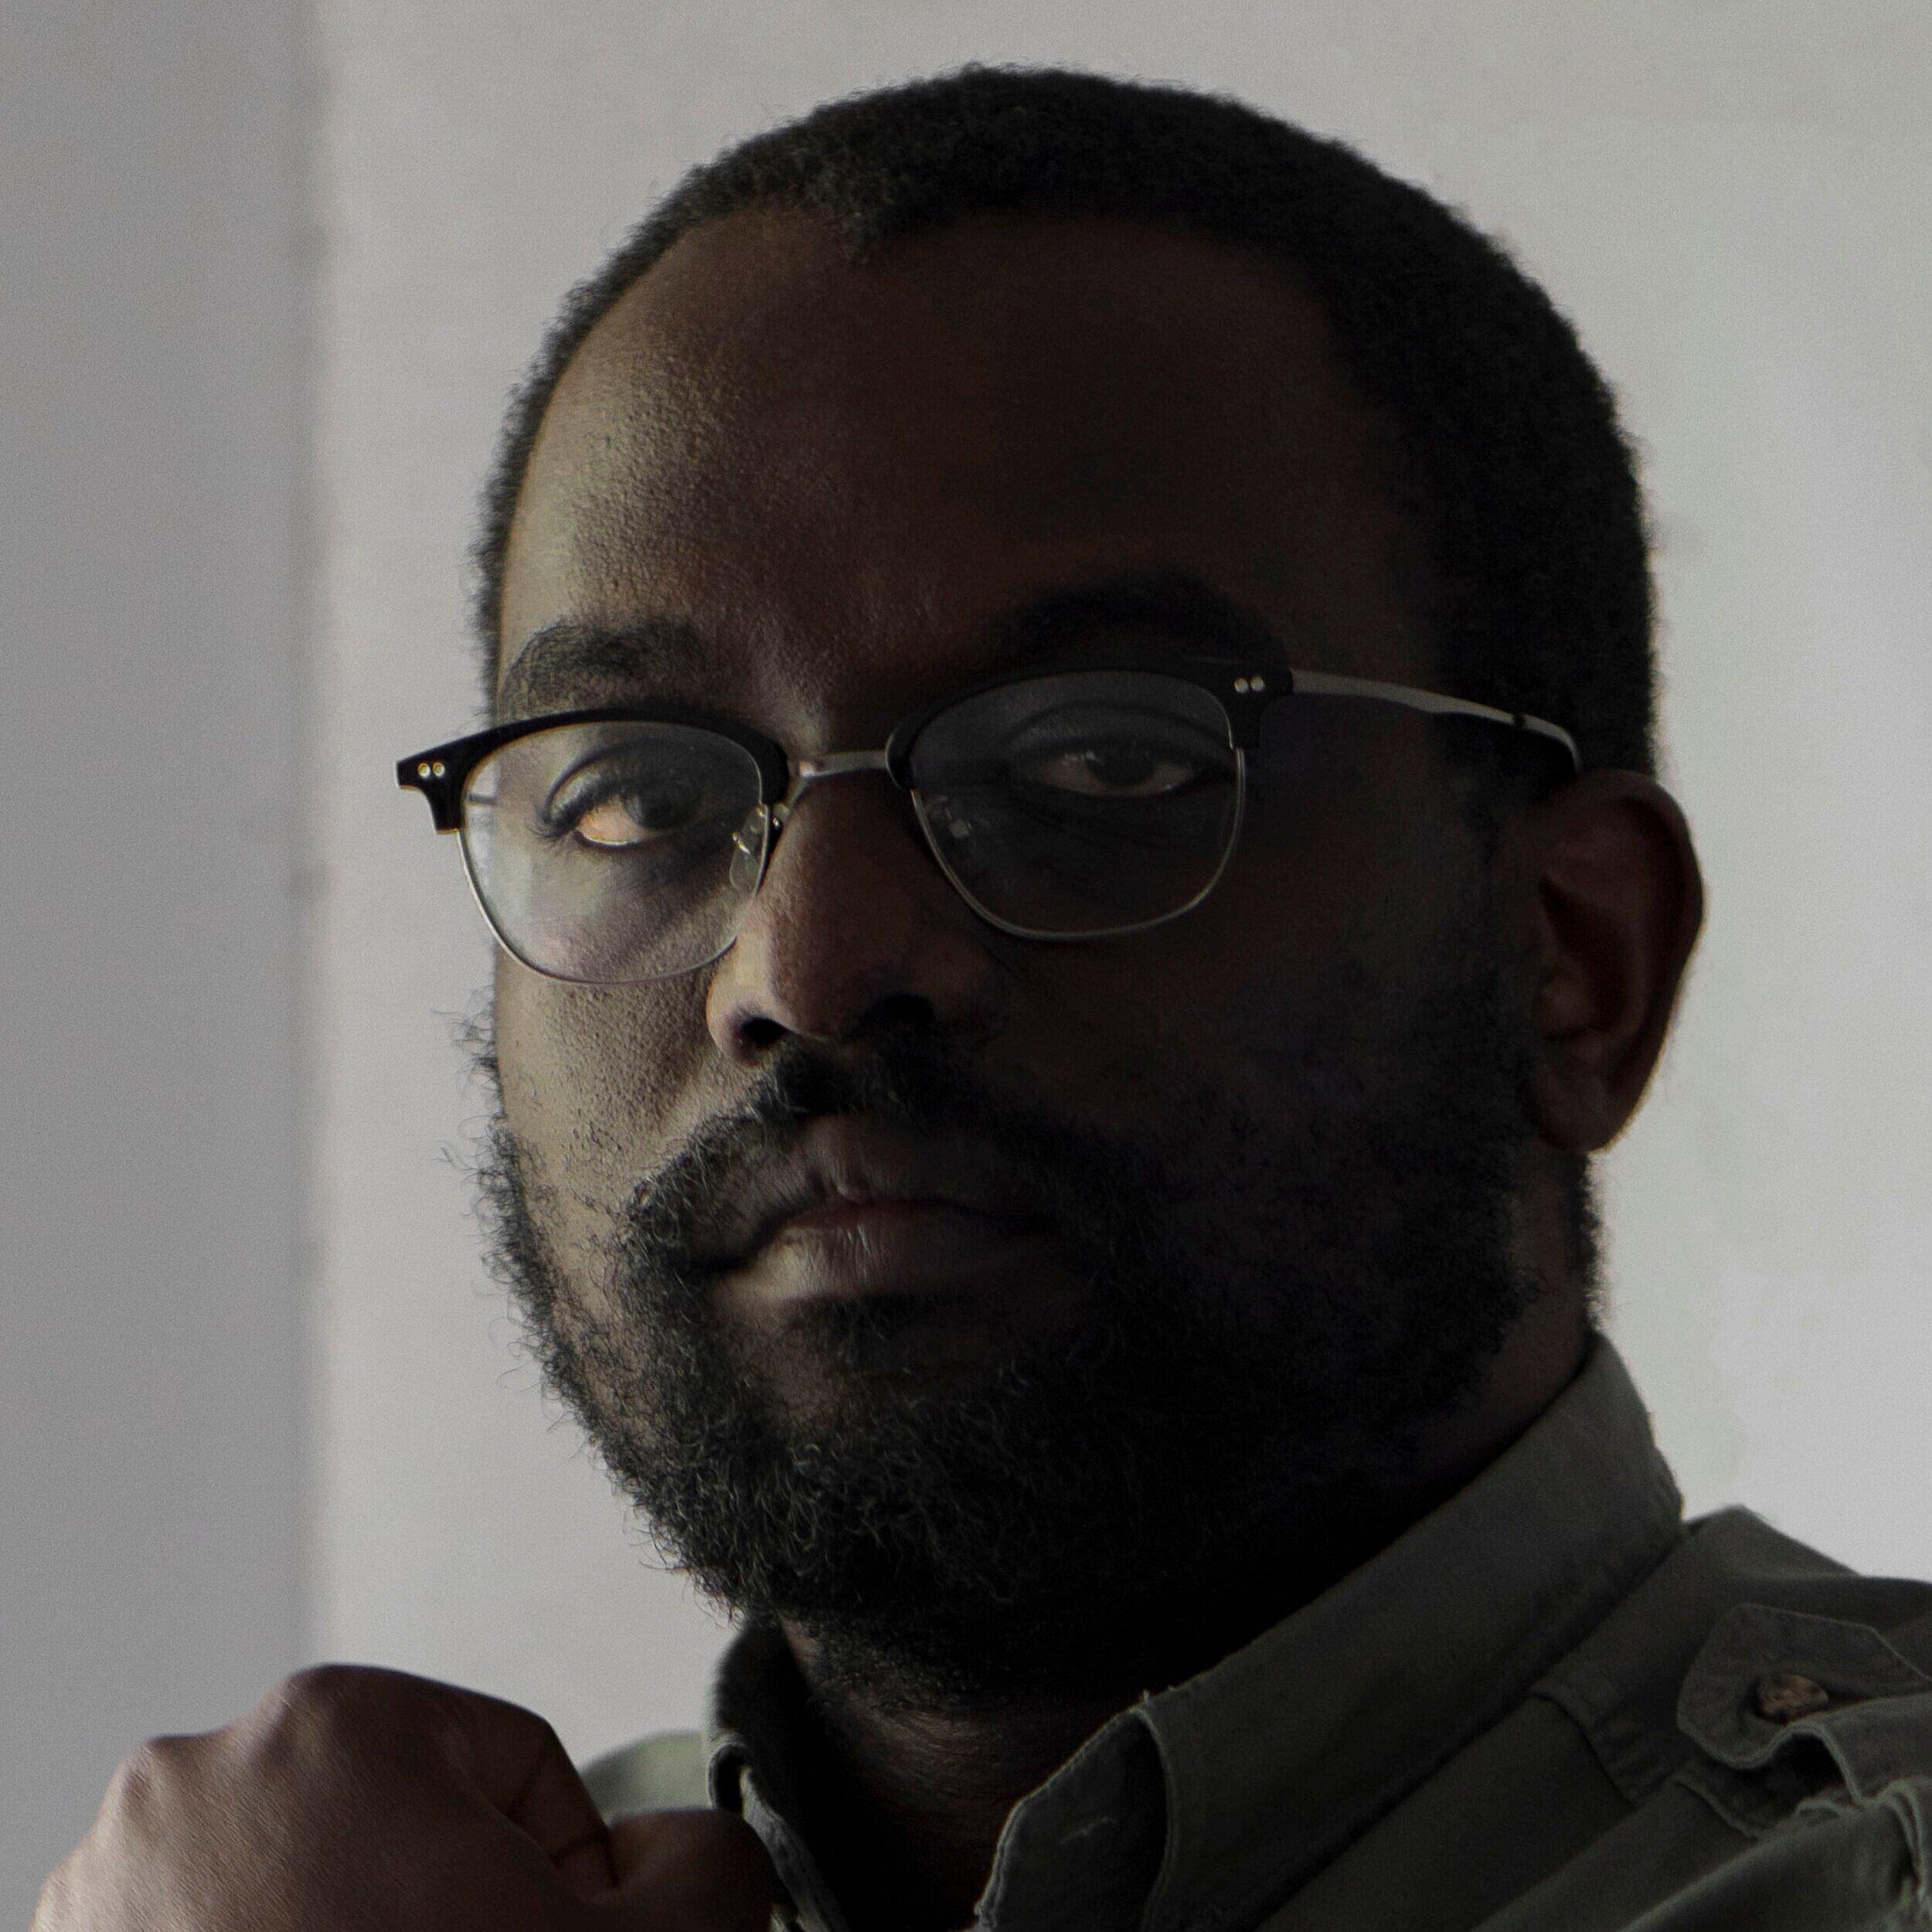 STEVEN CHIKOSI Harare, Zimabbwe @EverydayZimbabwe  stevenchikosi.com   @stevenchikosi